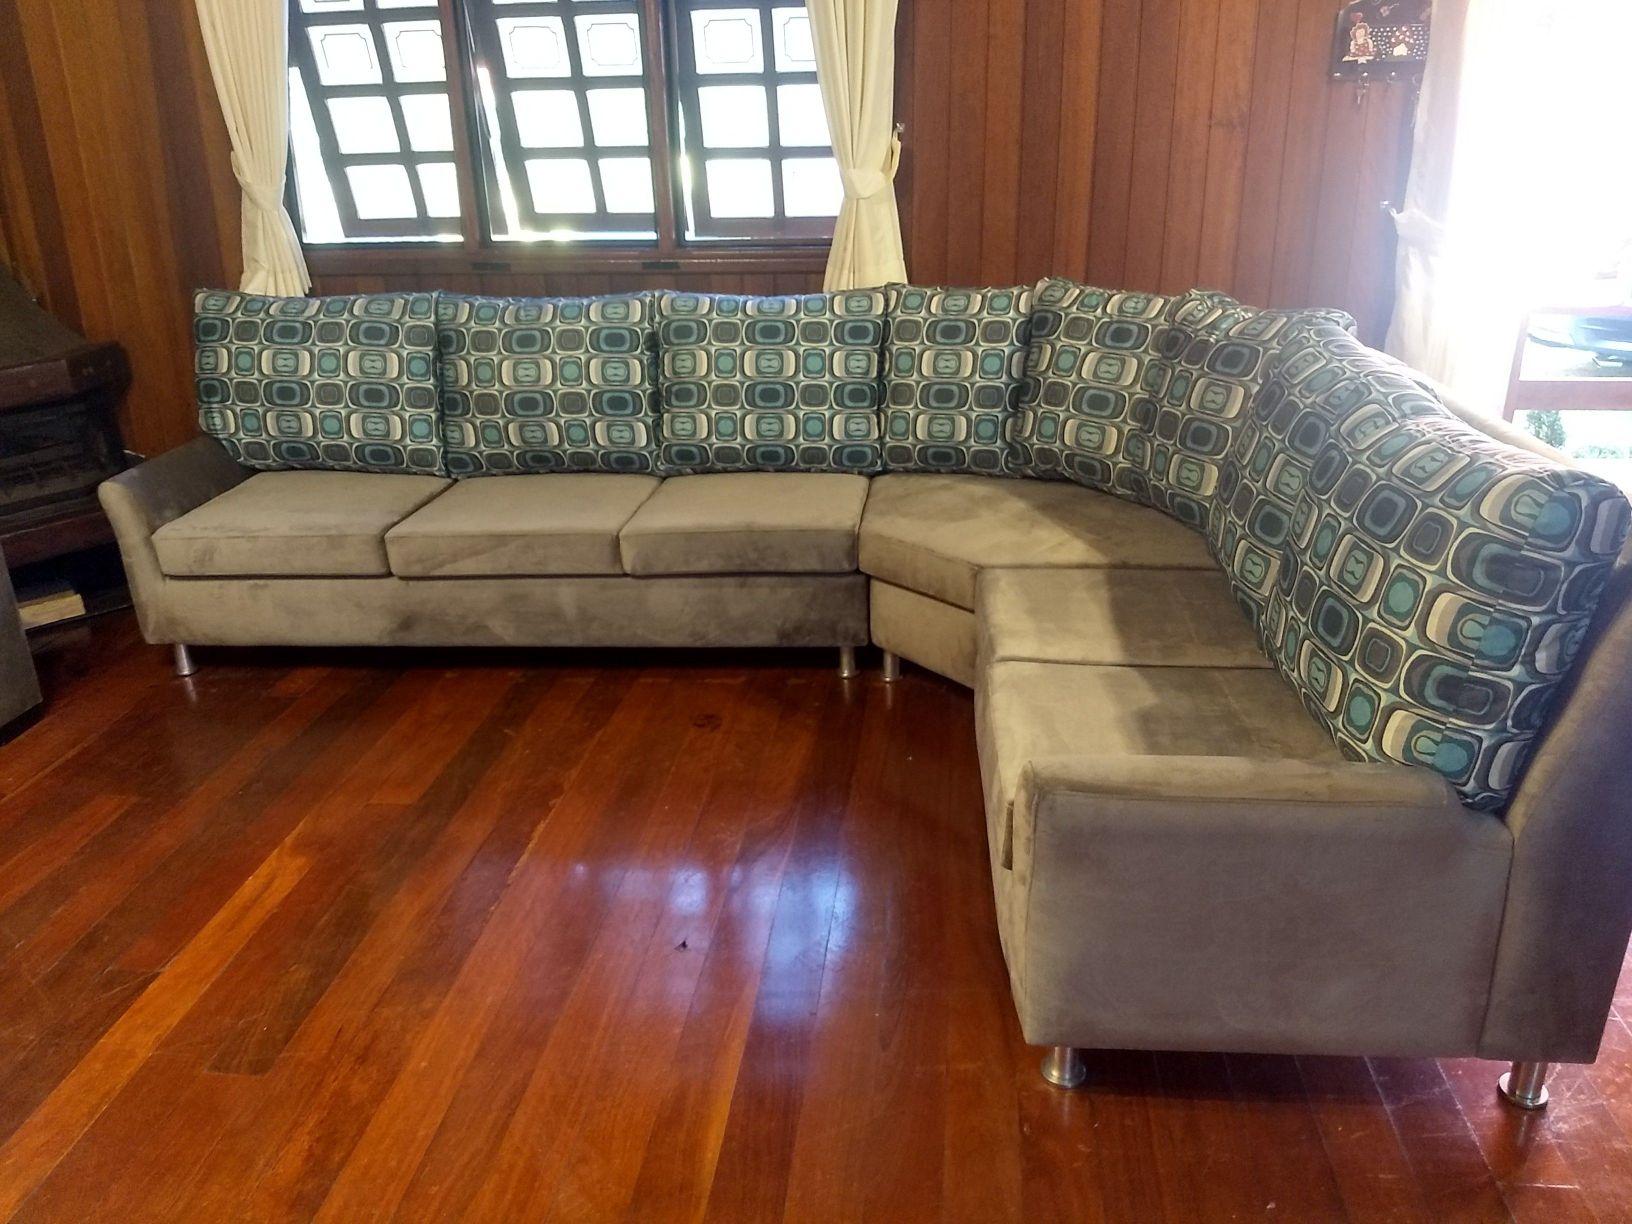 restauração sofá Etna. Tecido Suede veludo.